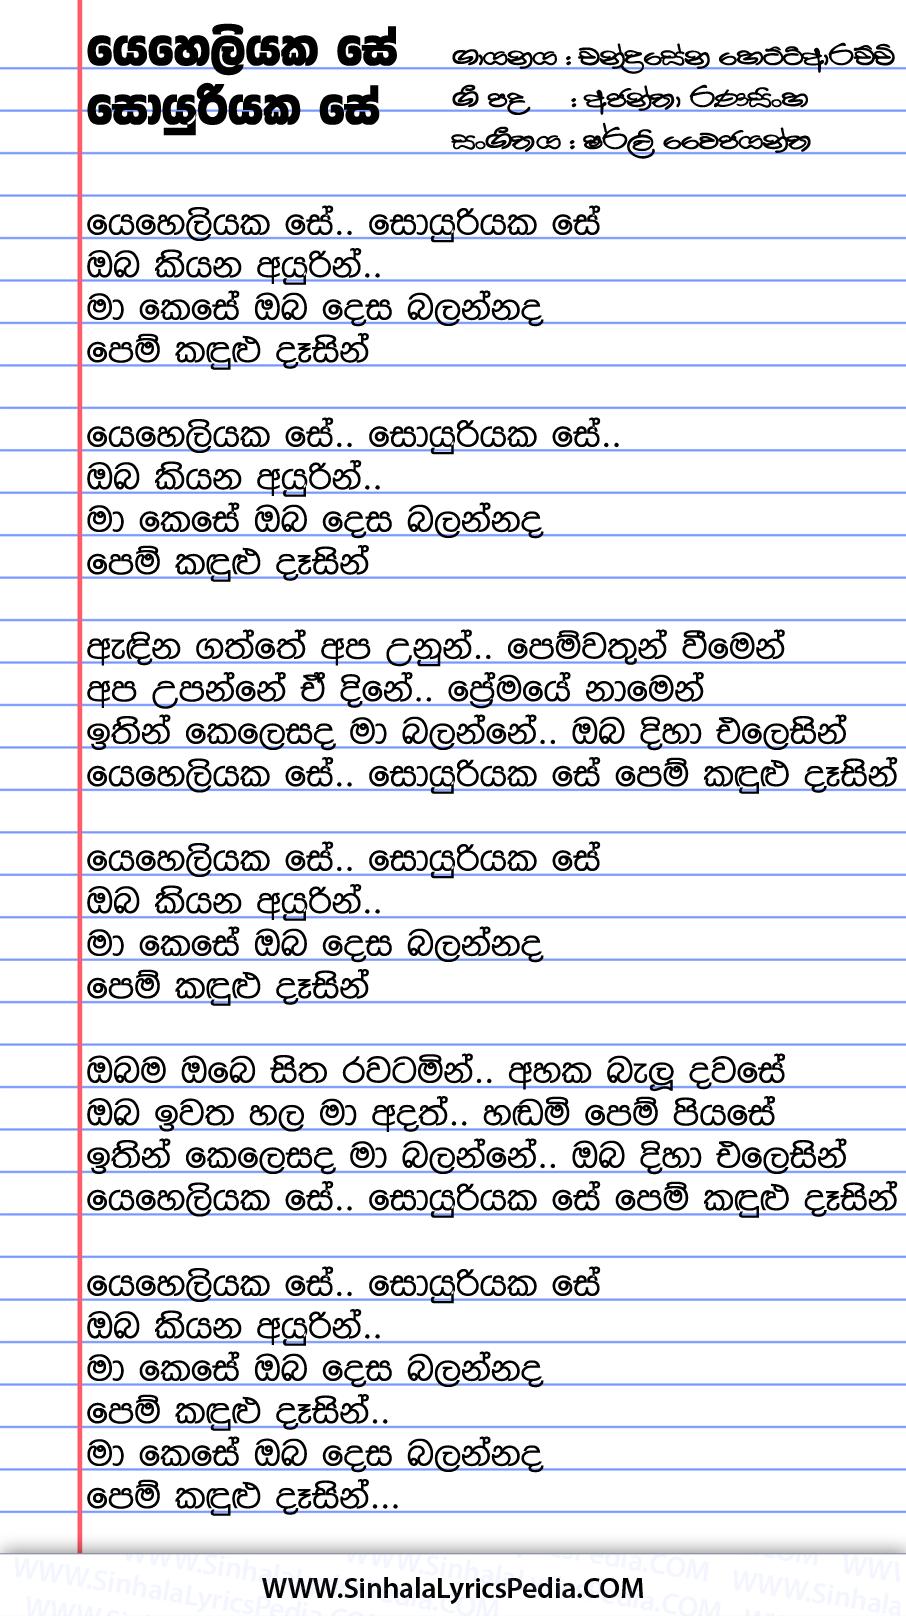 Yeheliyaka Se Soyuriyaka Se Song Lyrics